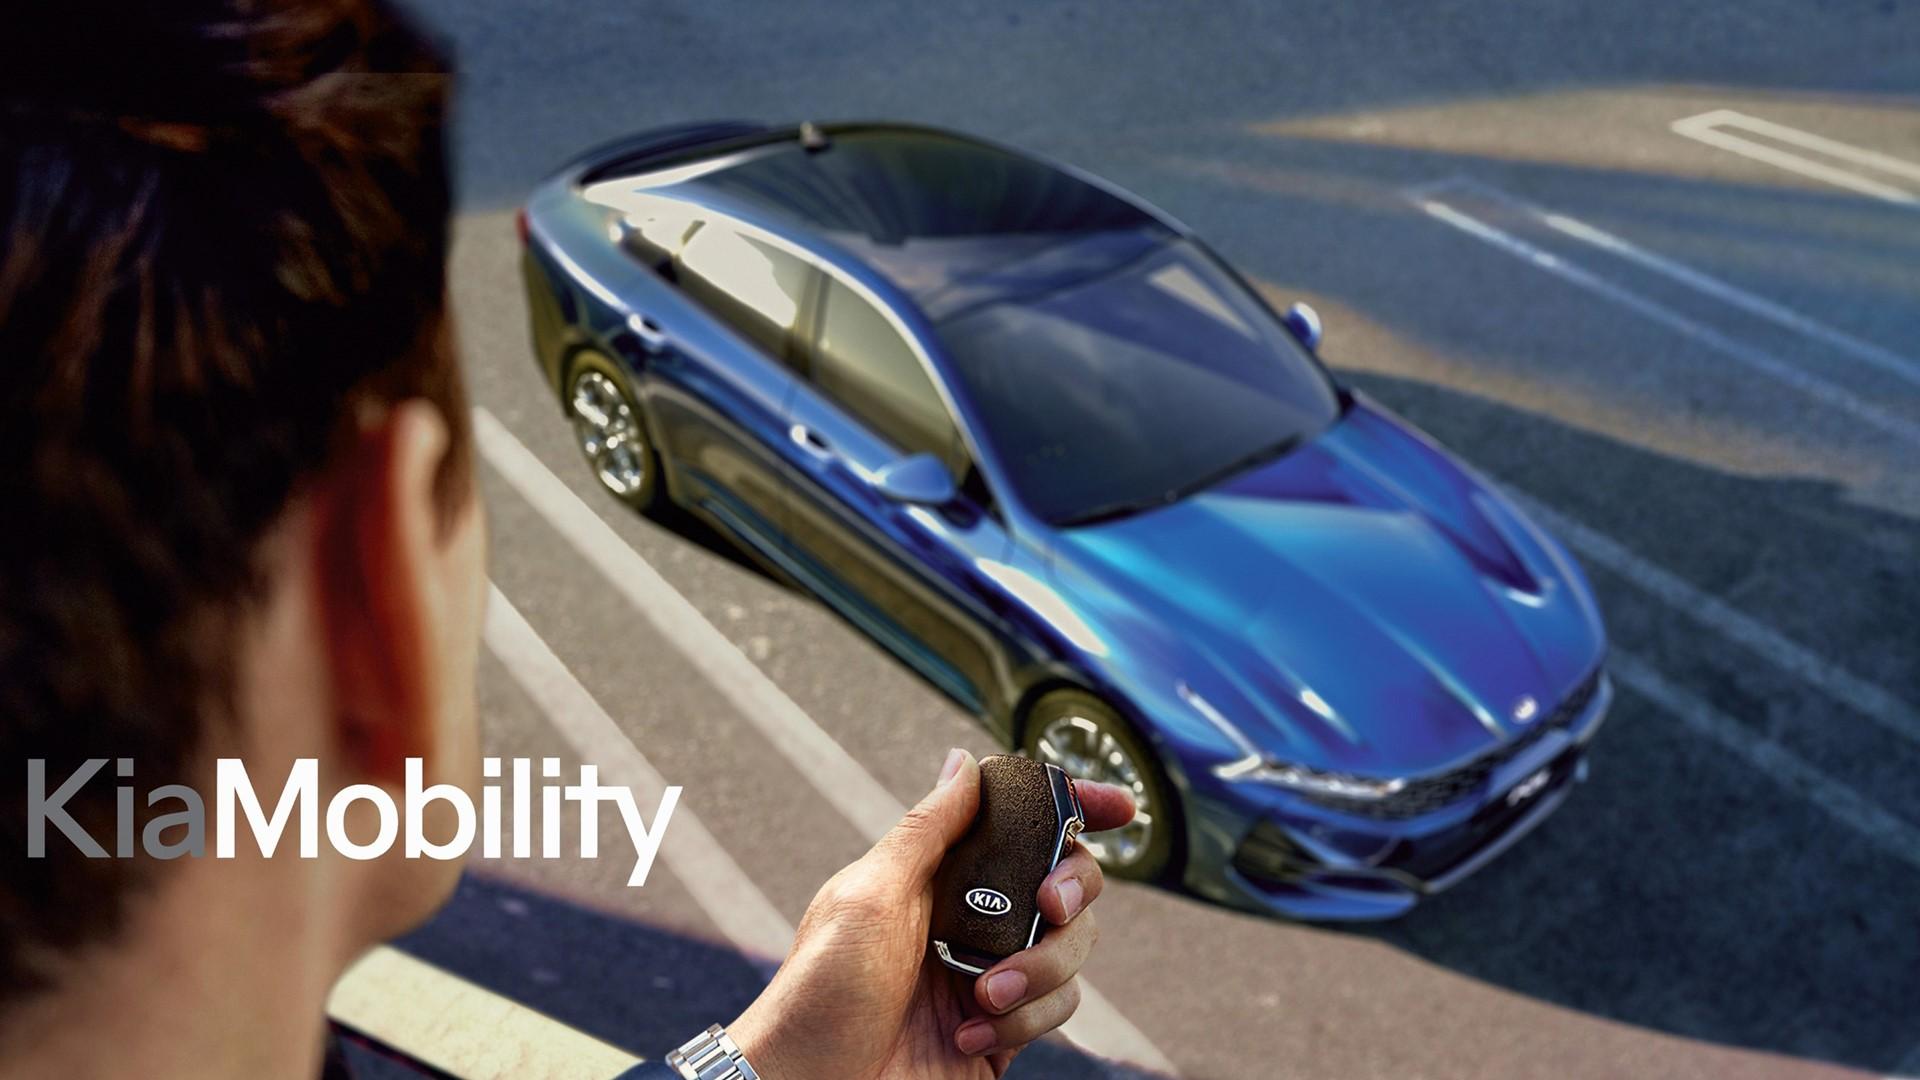 Kia Motors Launched KiaMobility Service